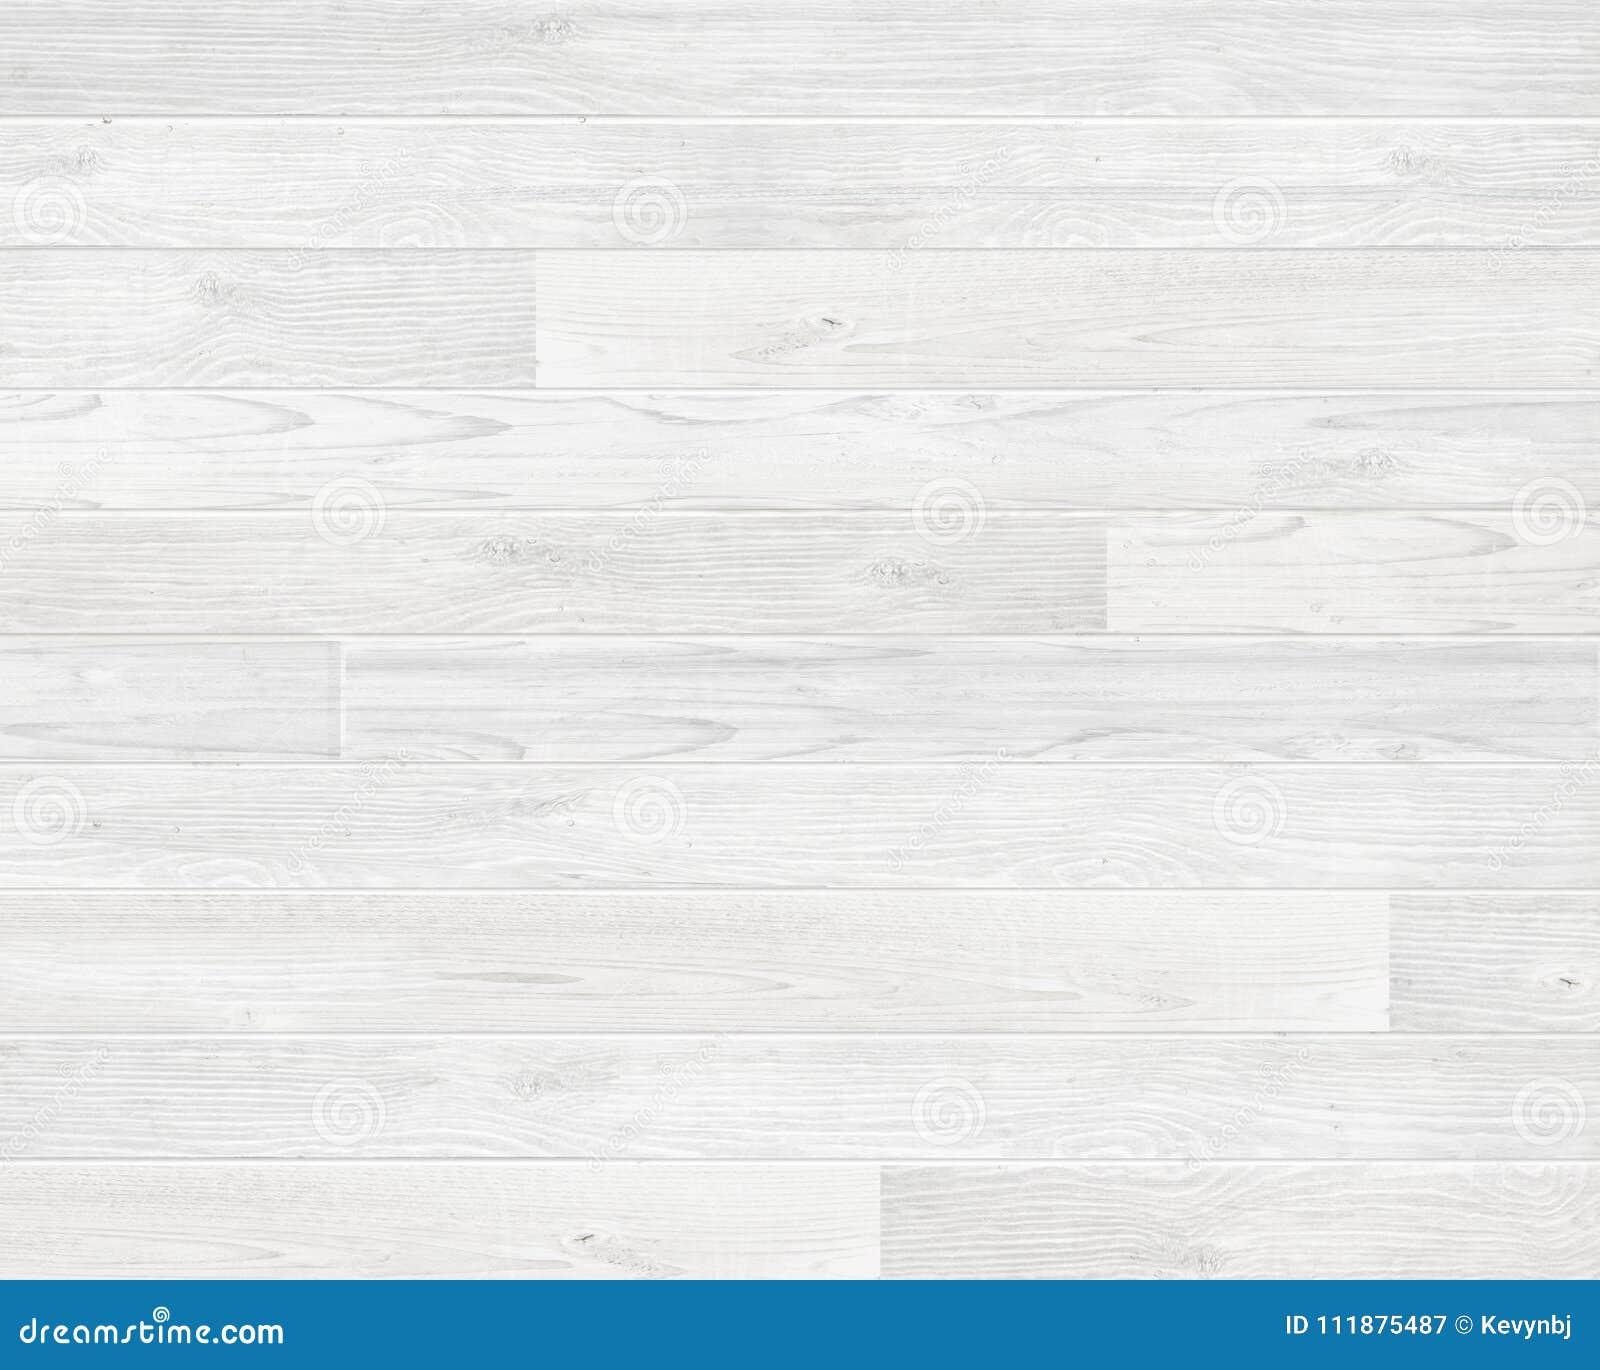 Whitewashed Wood Background Planks